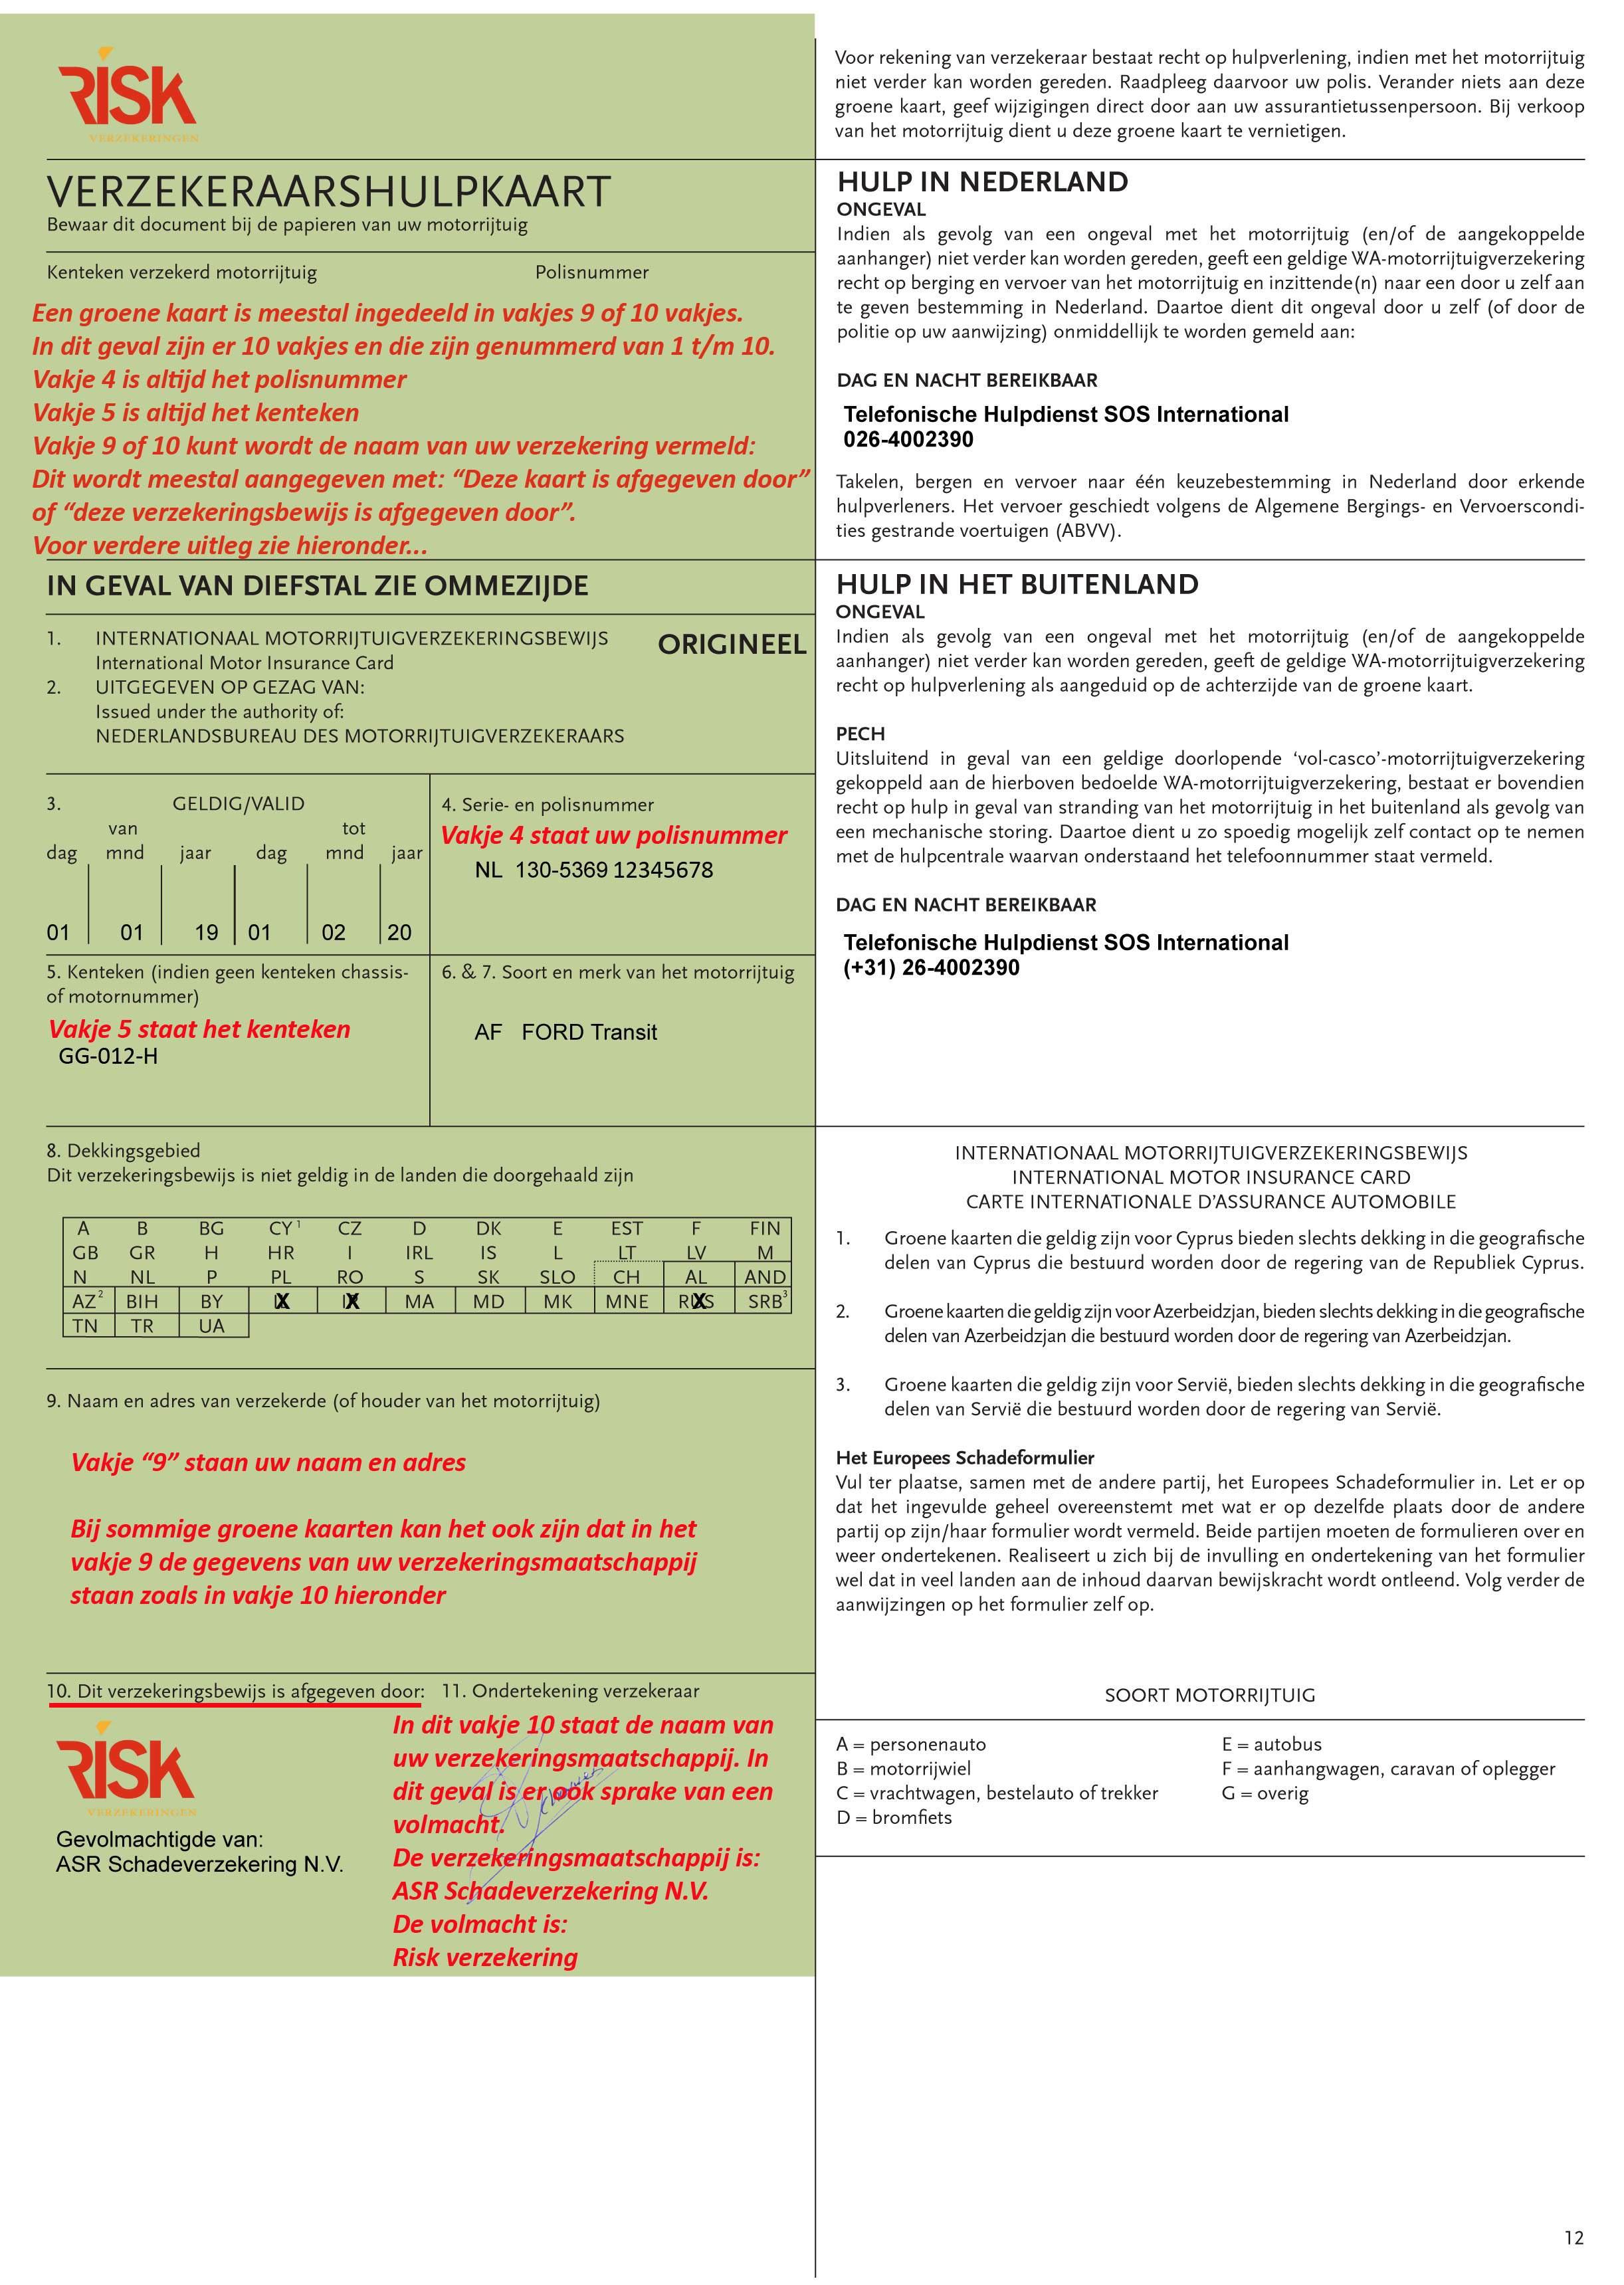 Verzekeringsbewijs uitleg